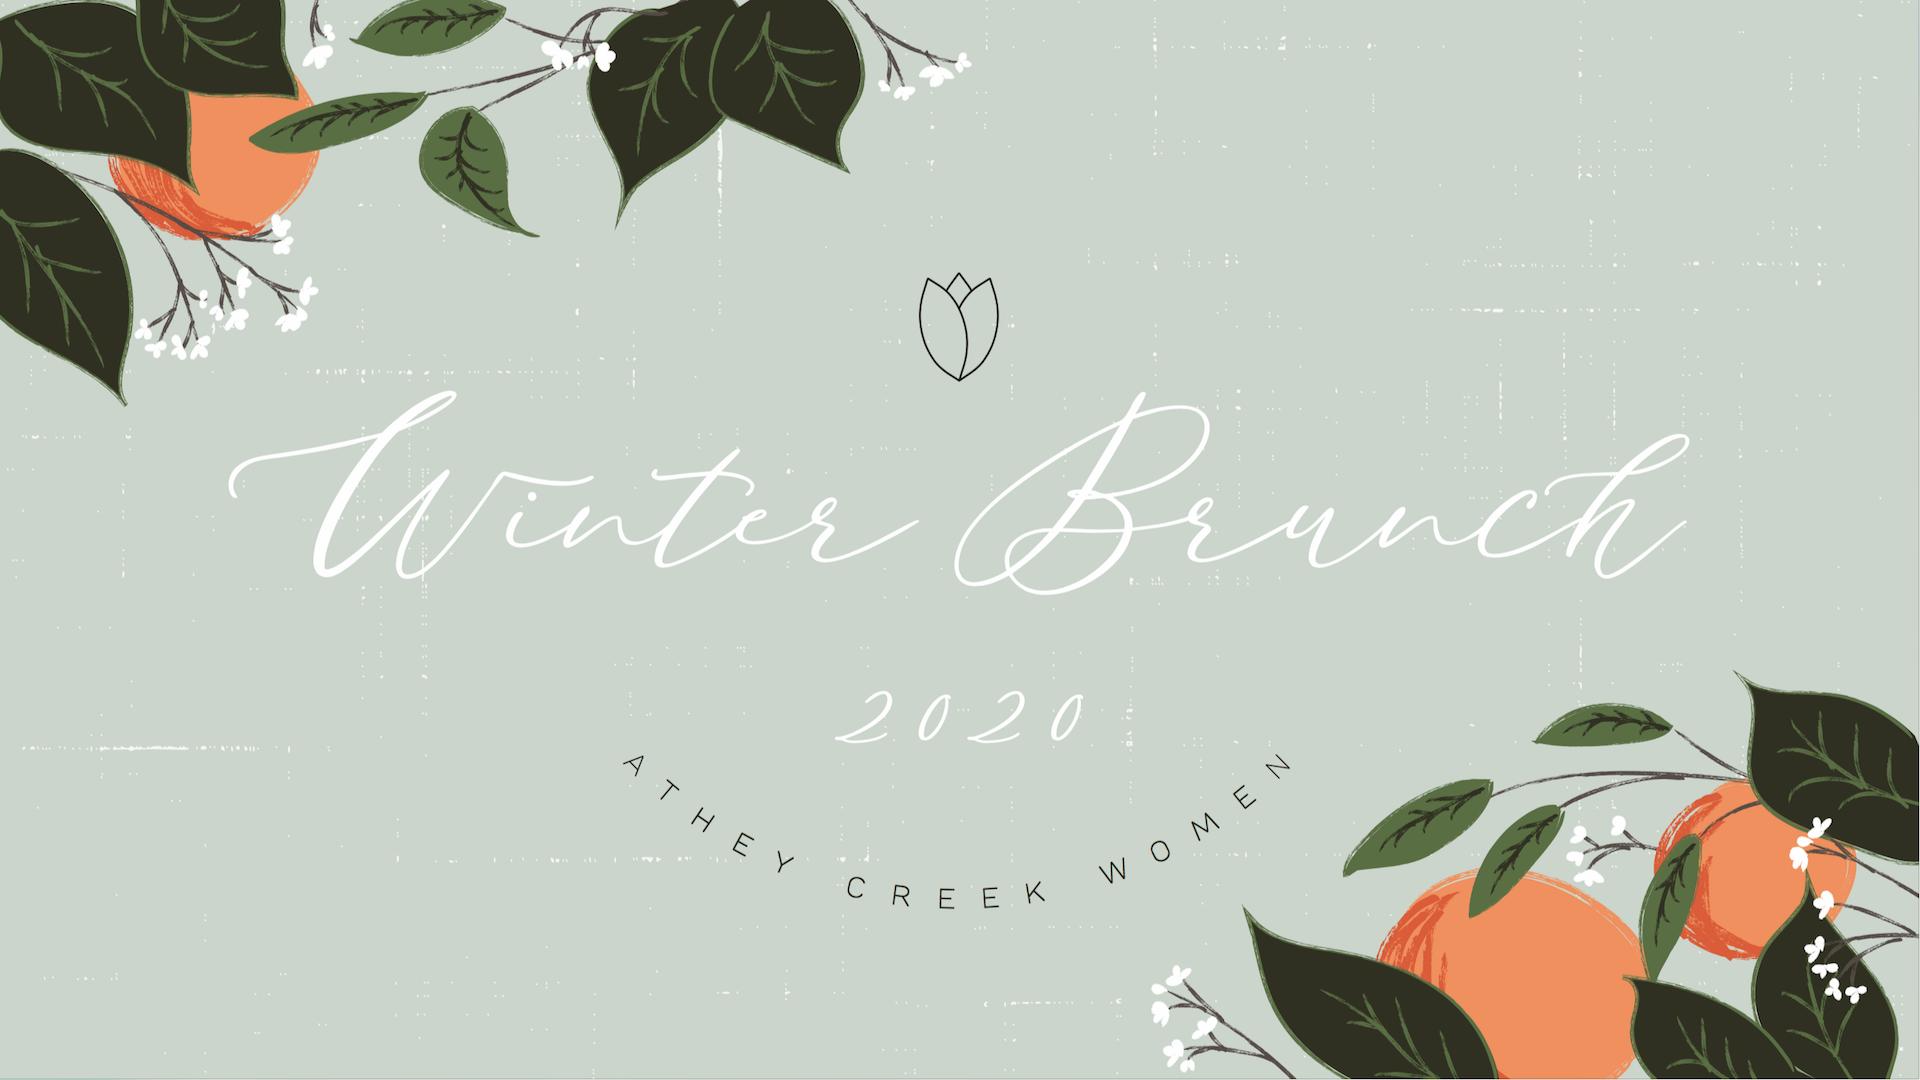 Teaching artwork for Women's Winter Brunch